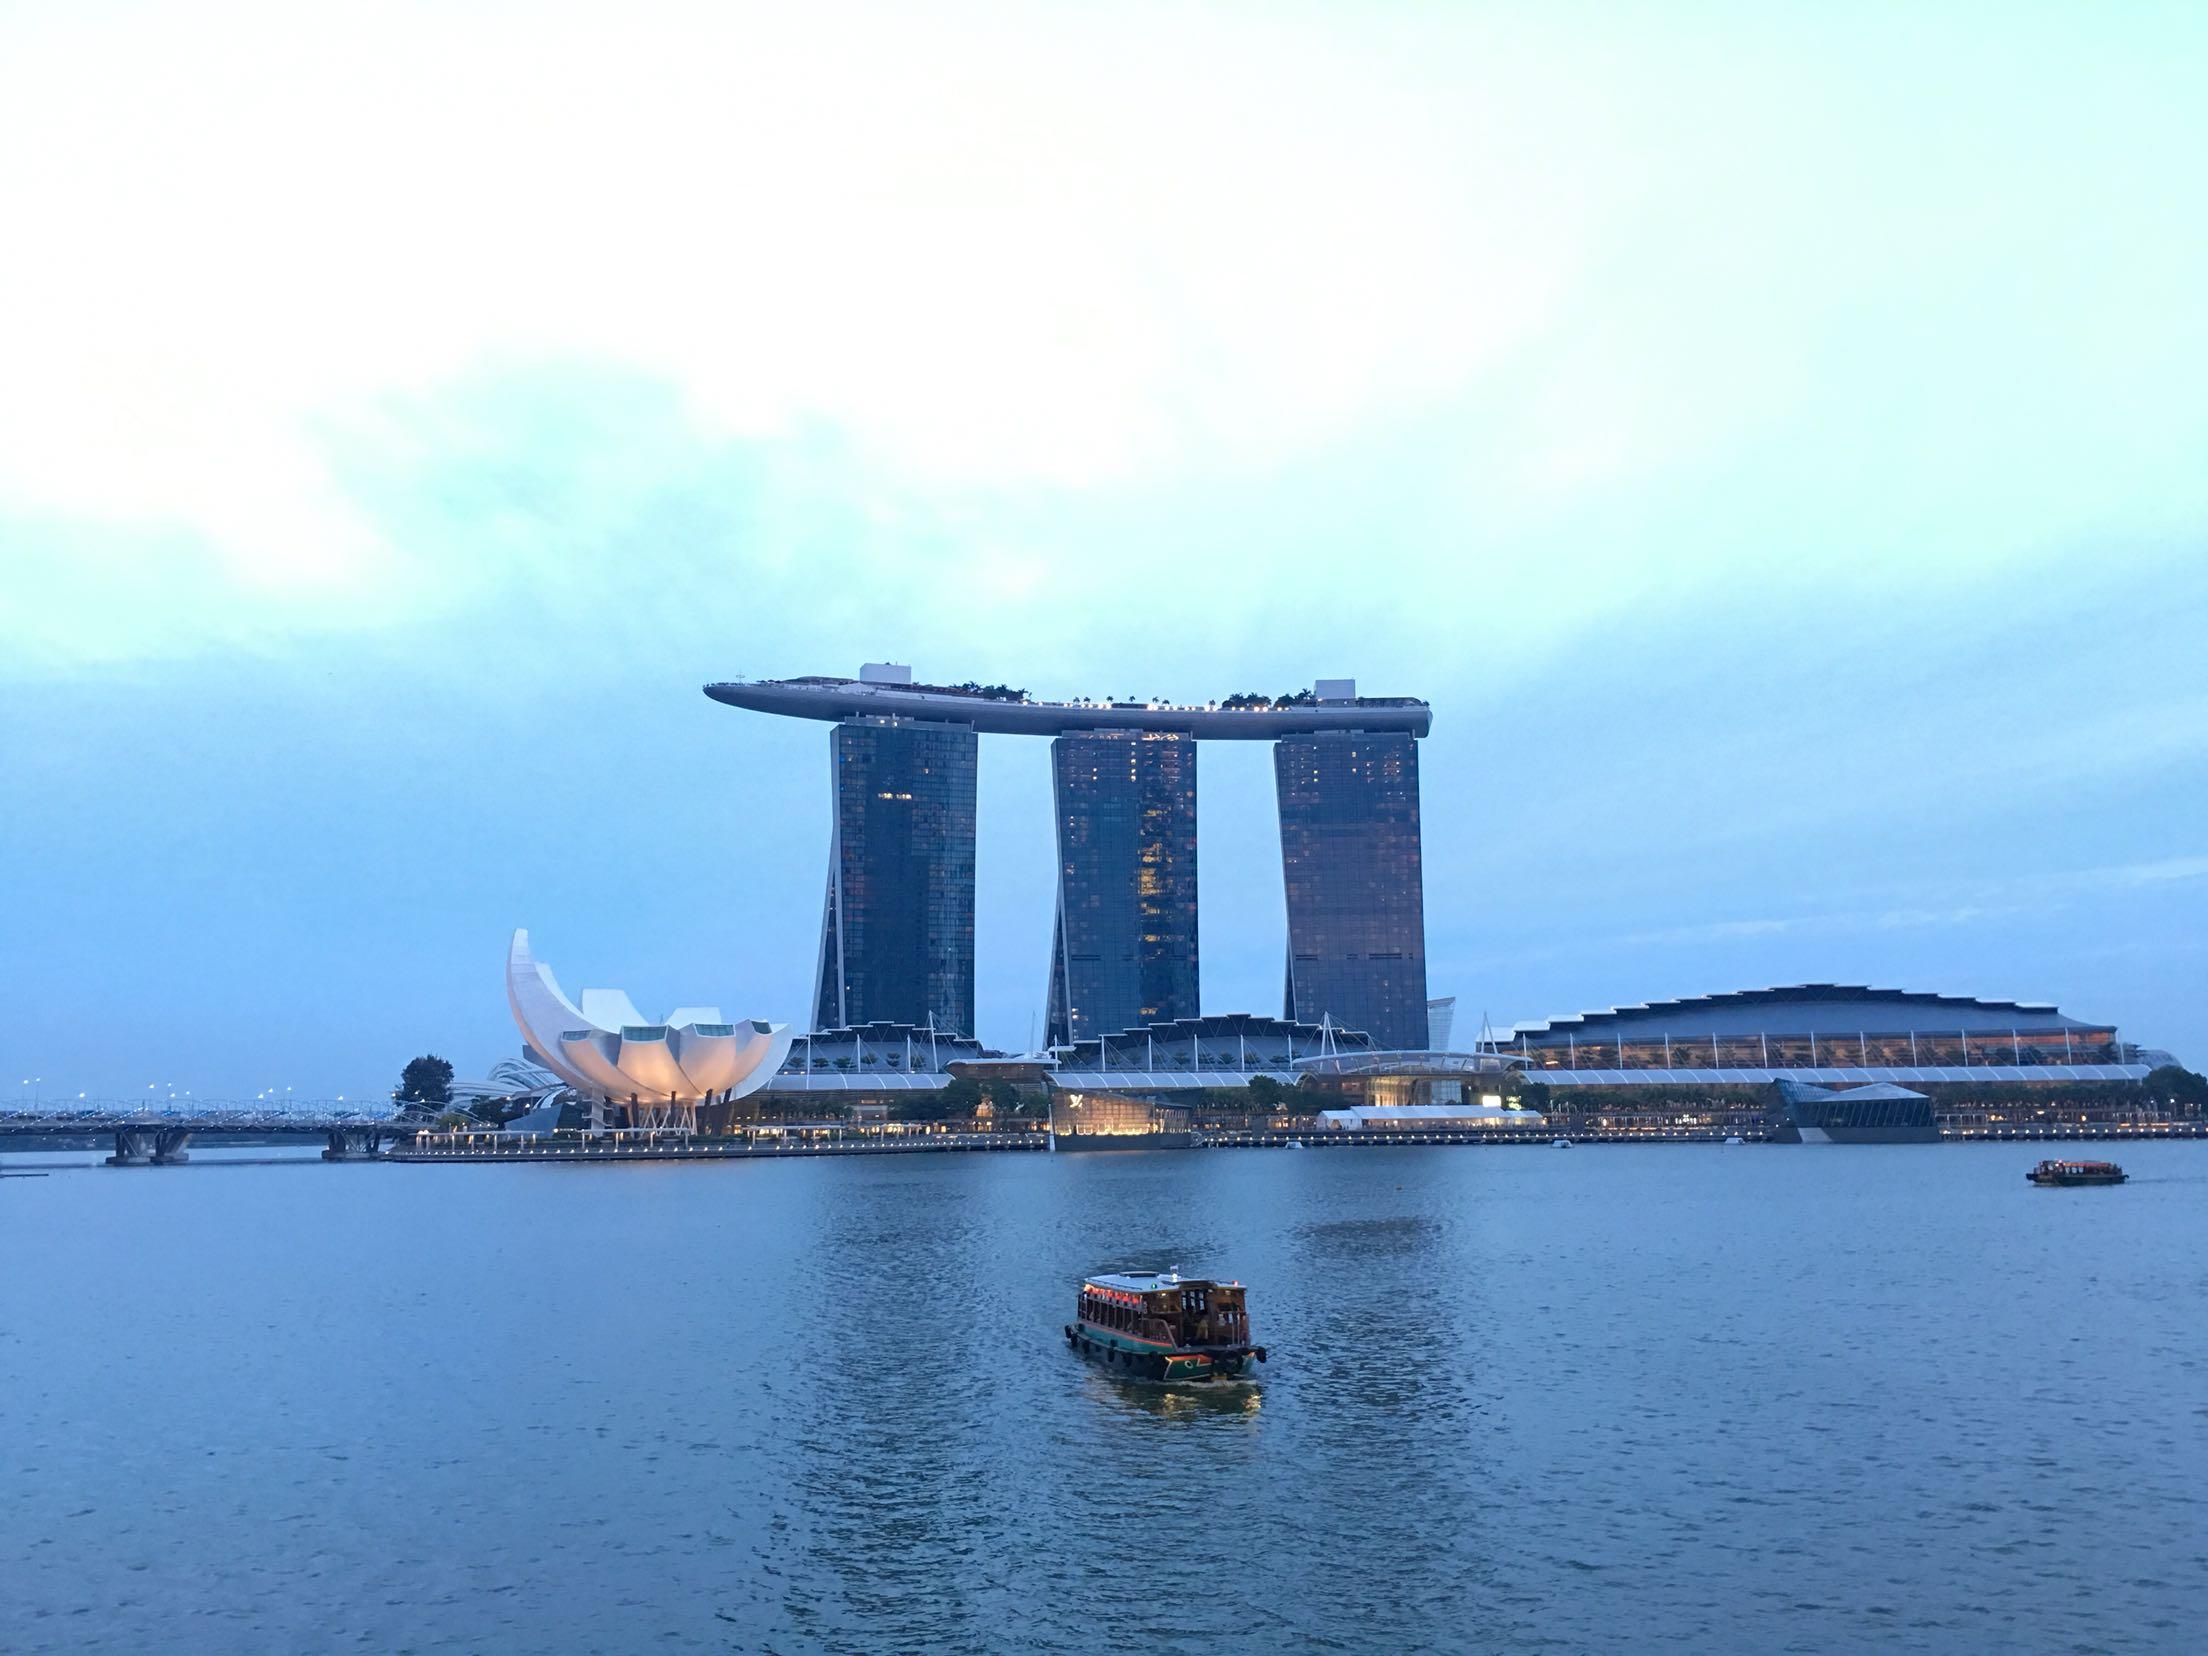 新加坡跟团游 新加坡 马来西亚 泰国9晚10日游 本产品由同程国旅或其